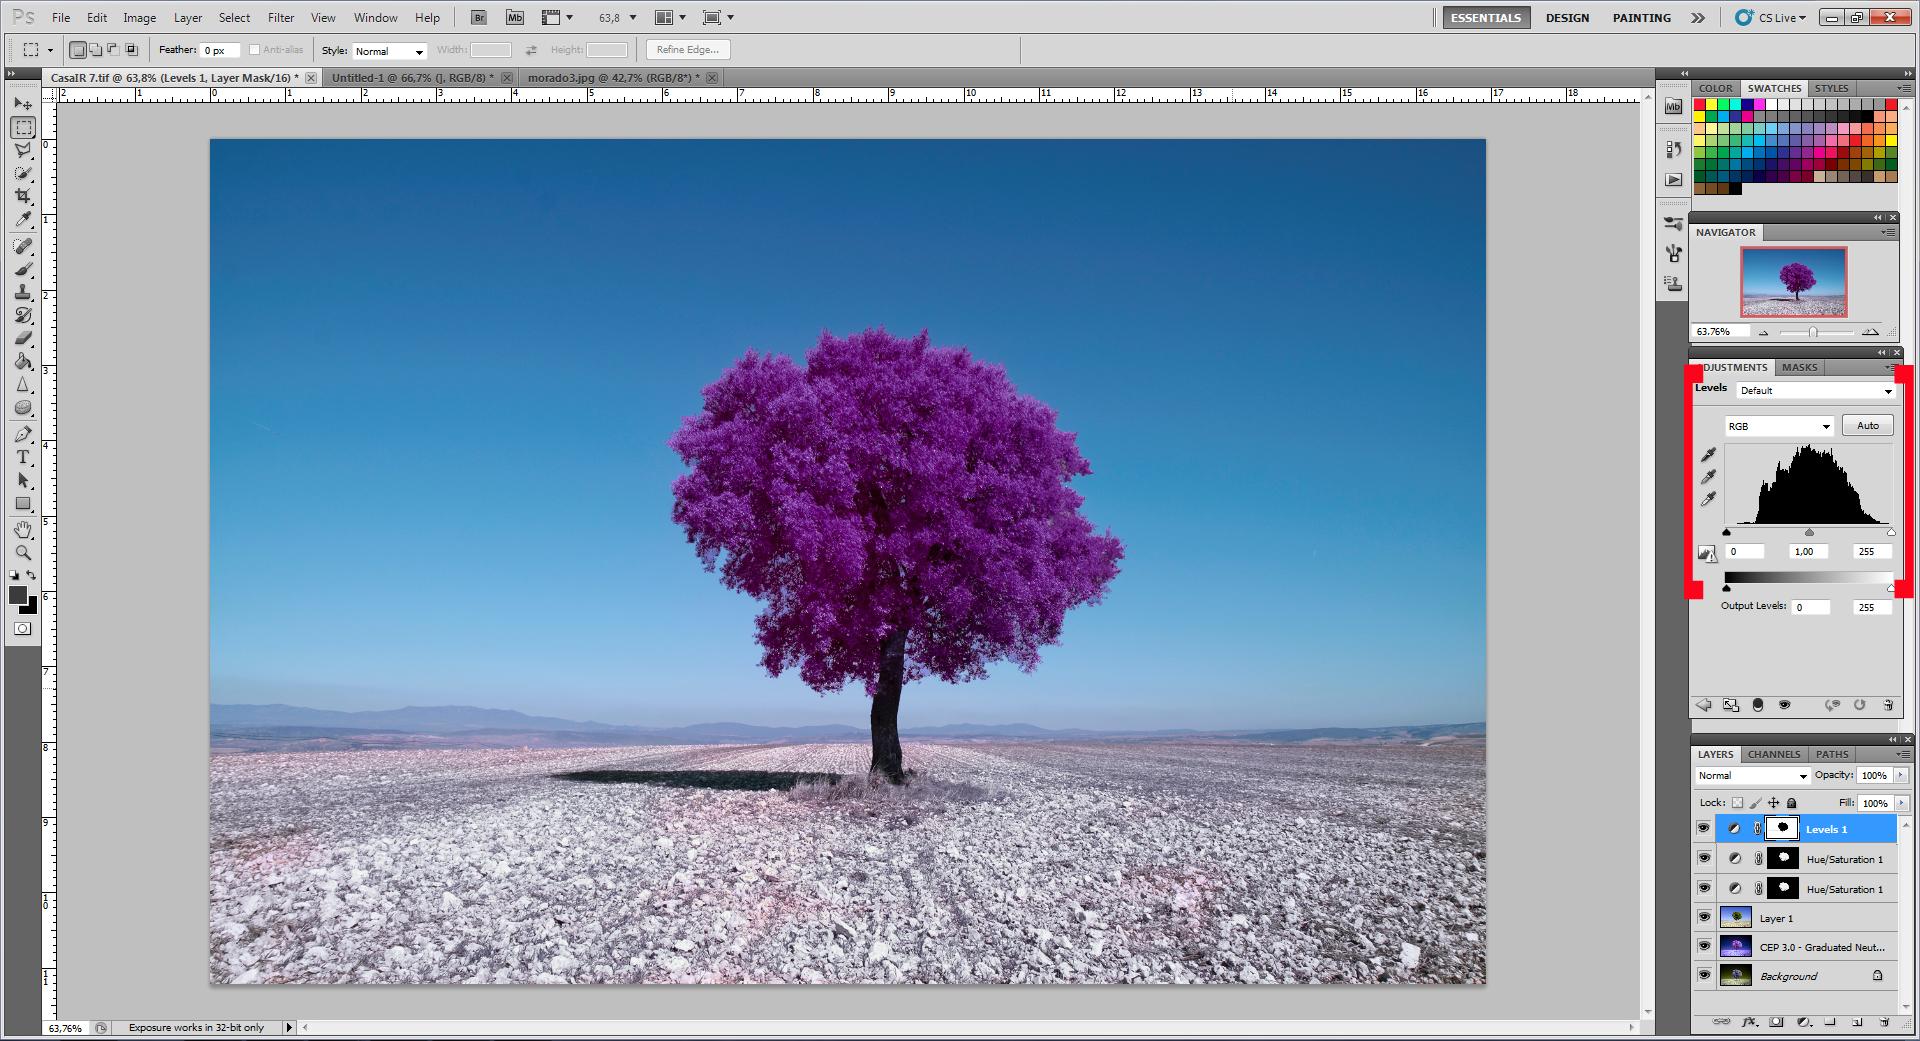 Как превратить пейзажное фото в сюрреалистическое инфракрасное изображение - 11